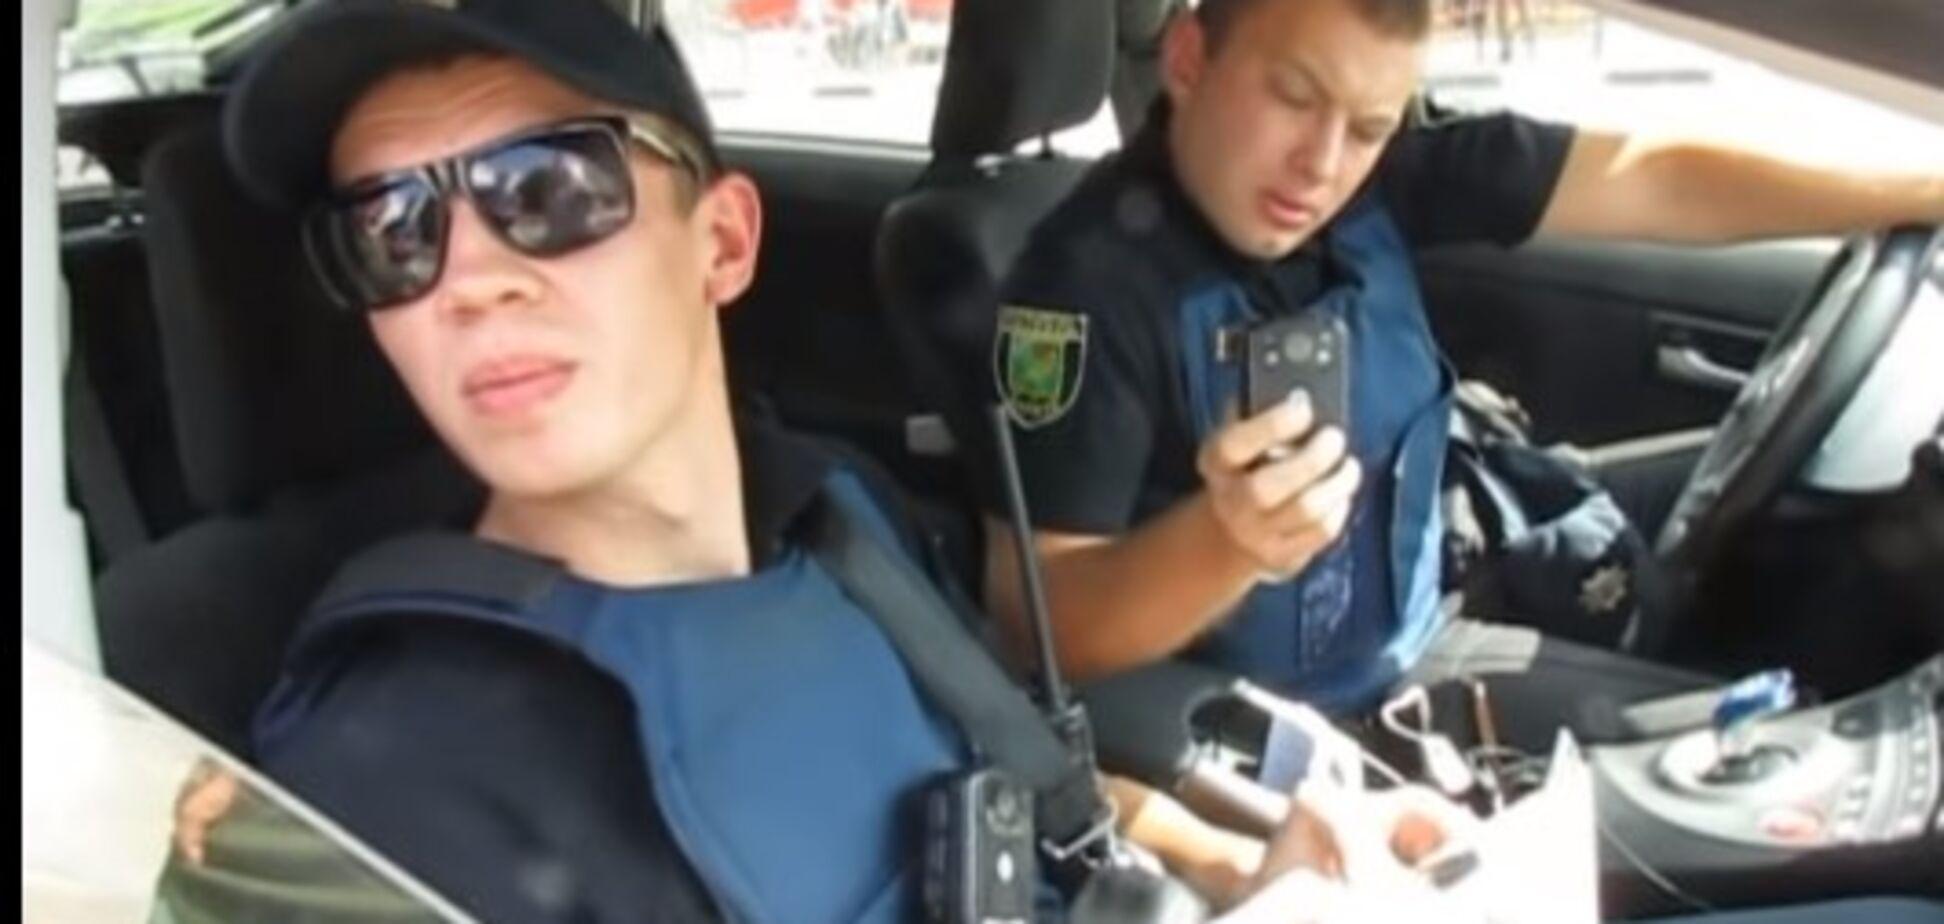 'Задовбали нероби': у Харкові новий скандал із поліцією